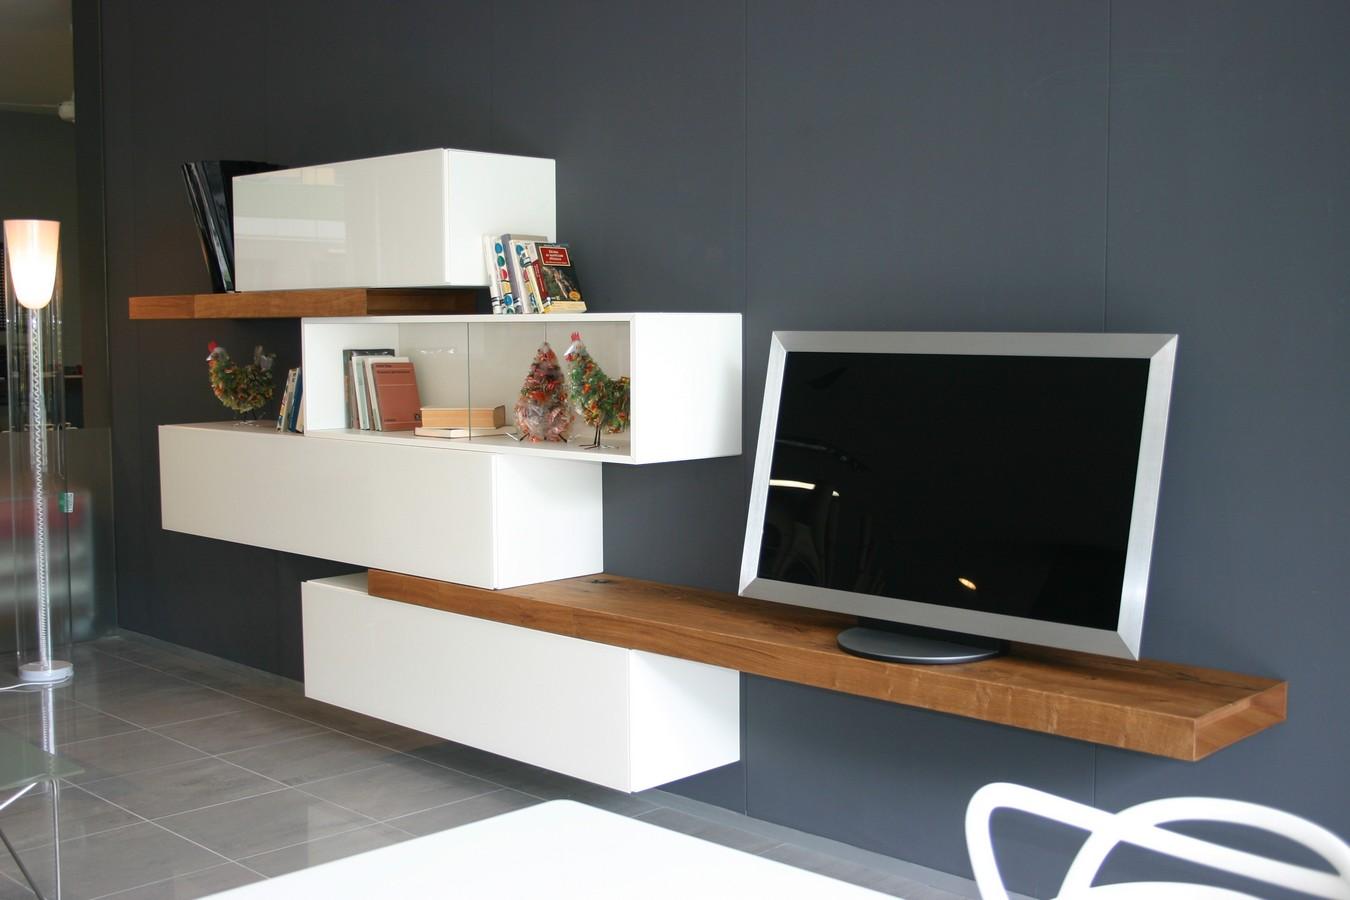 Soggiorni e salotti moderni arredo per la tua casa for Immagini living moderni